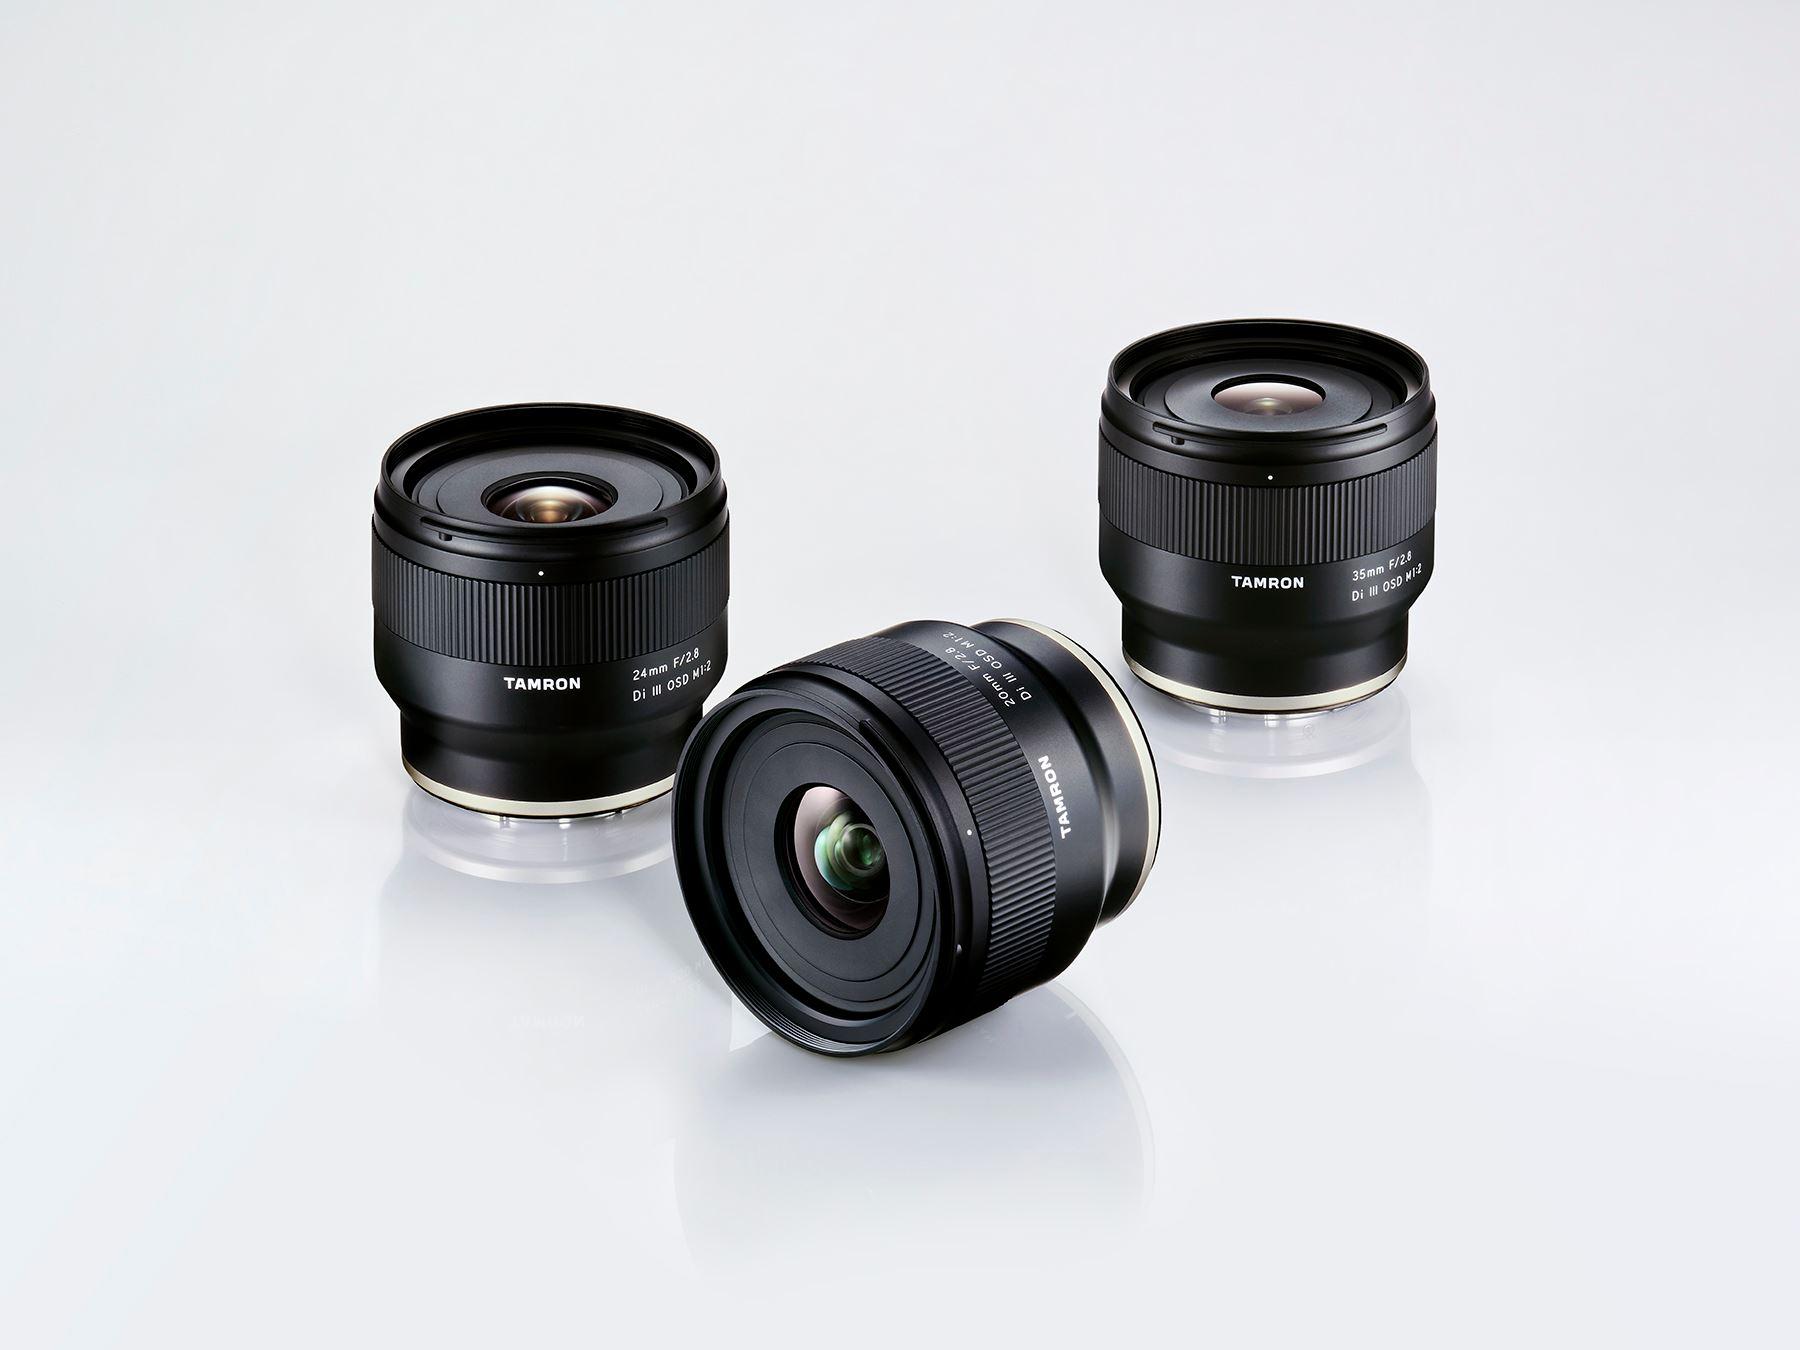 Tamron Announced Four New Lenses For Sony E Mount Full